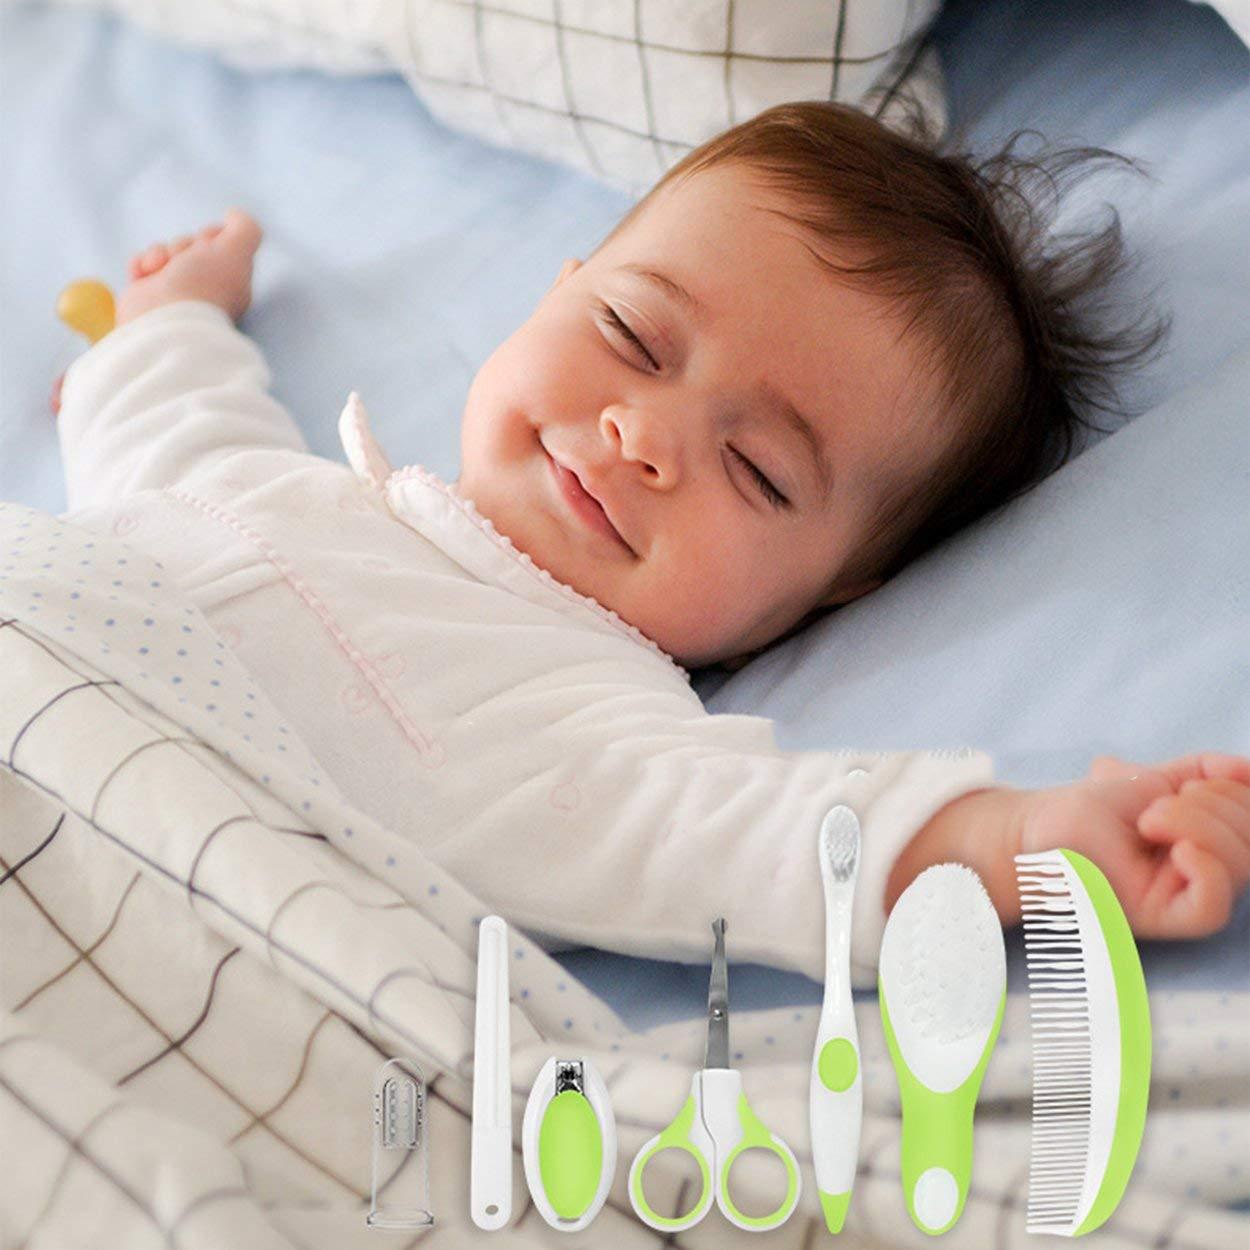 Lorenlli 7 Unids/set Cuidado Del Bebé Herramientas Bebé Manicura ...